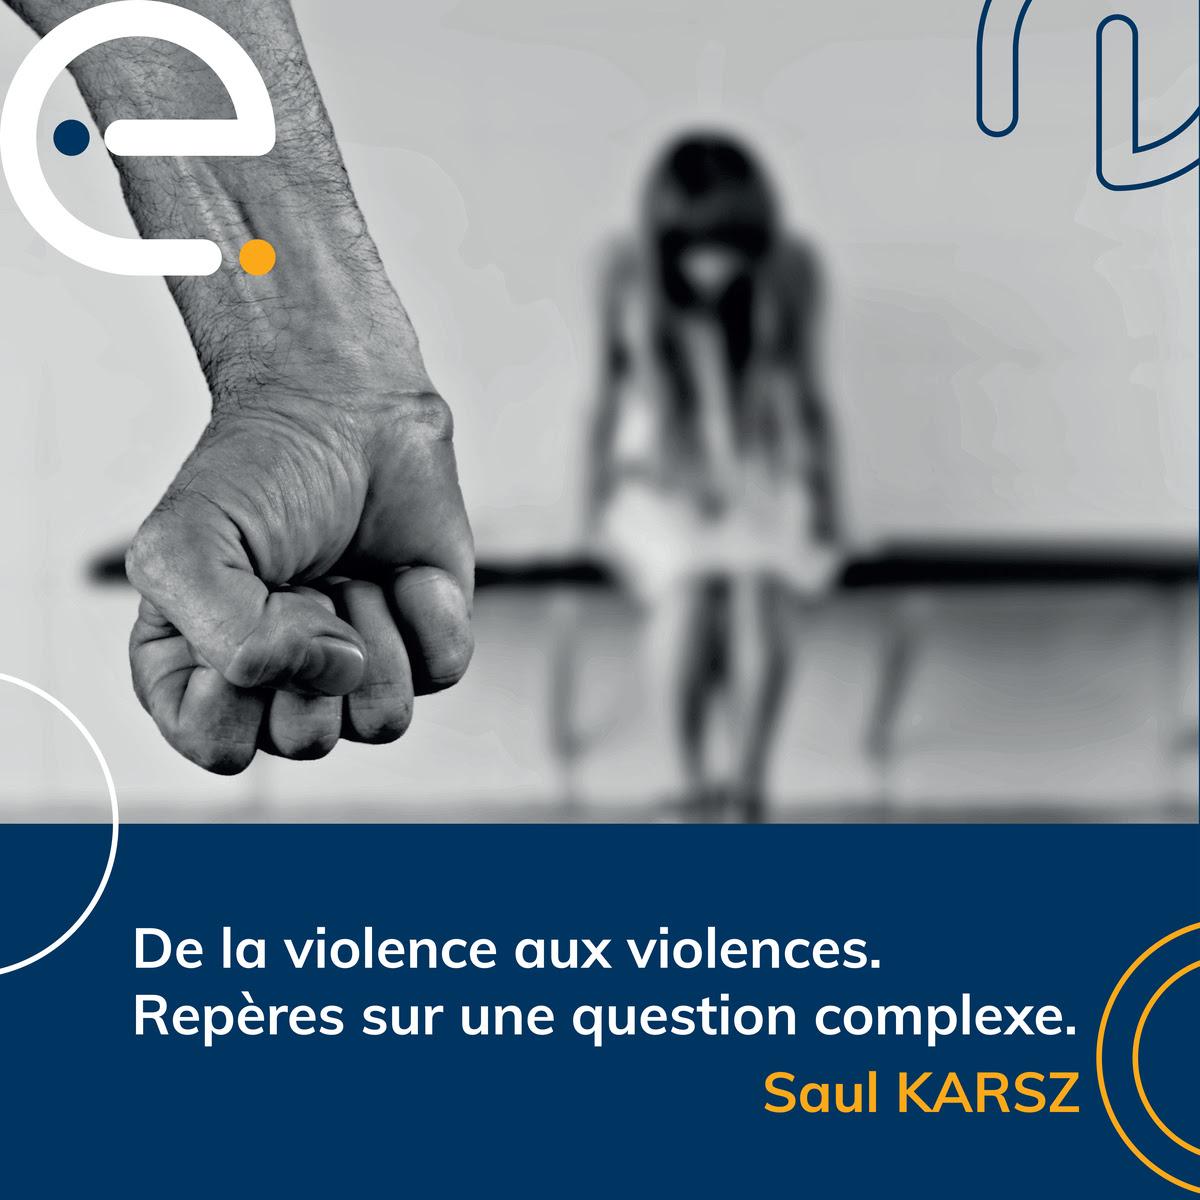 De la violence aux violences. Repères sur une question complexe.